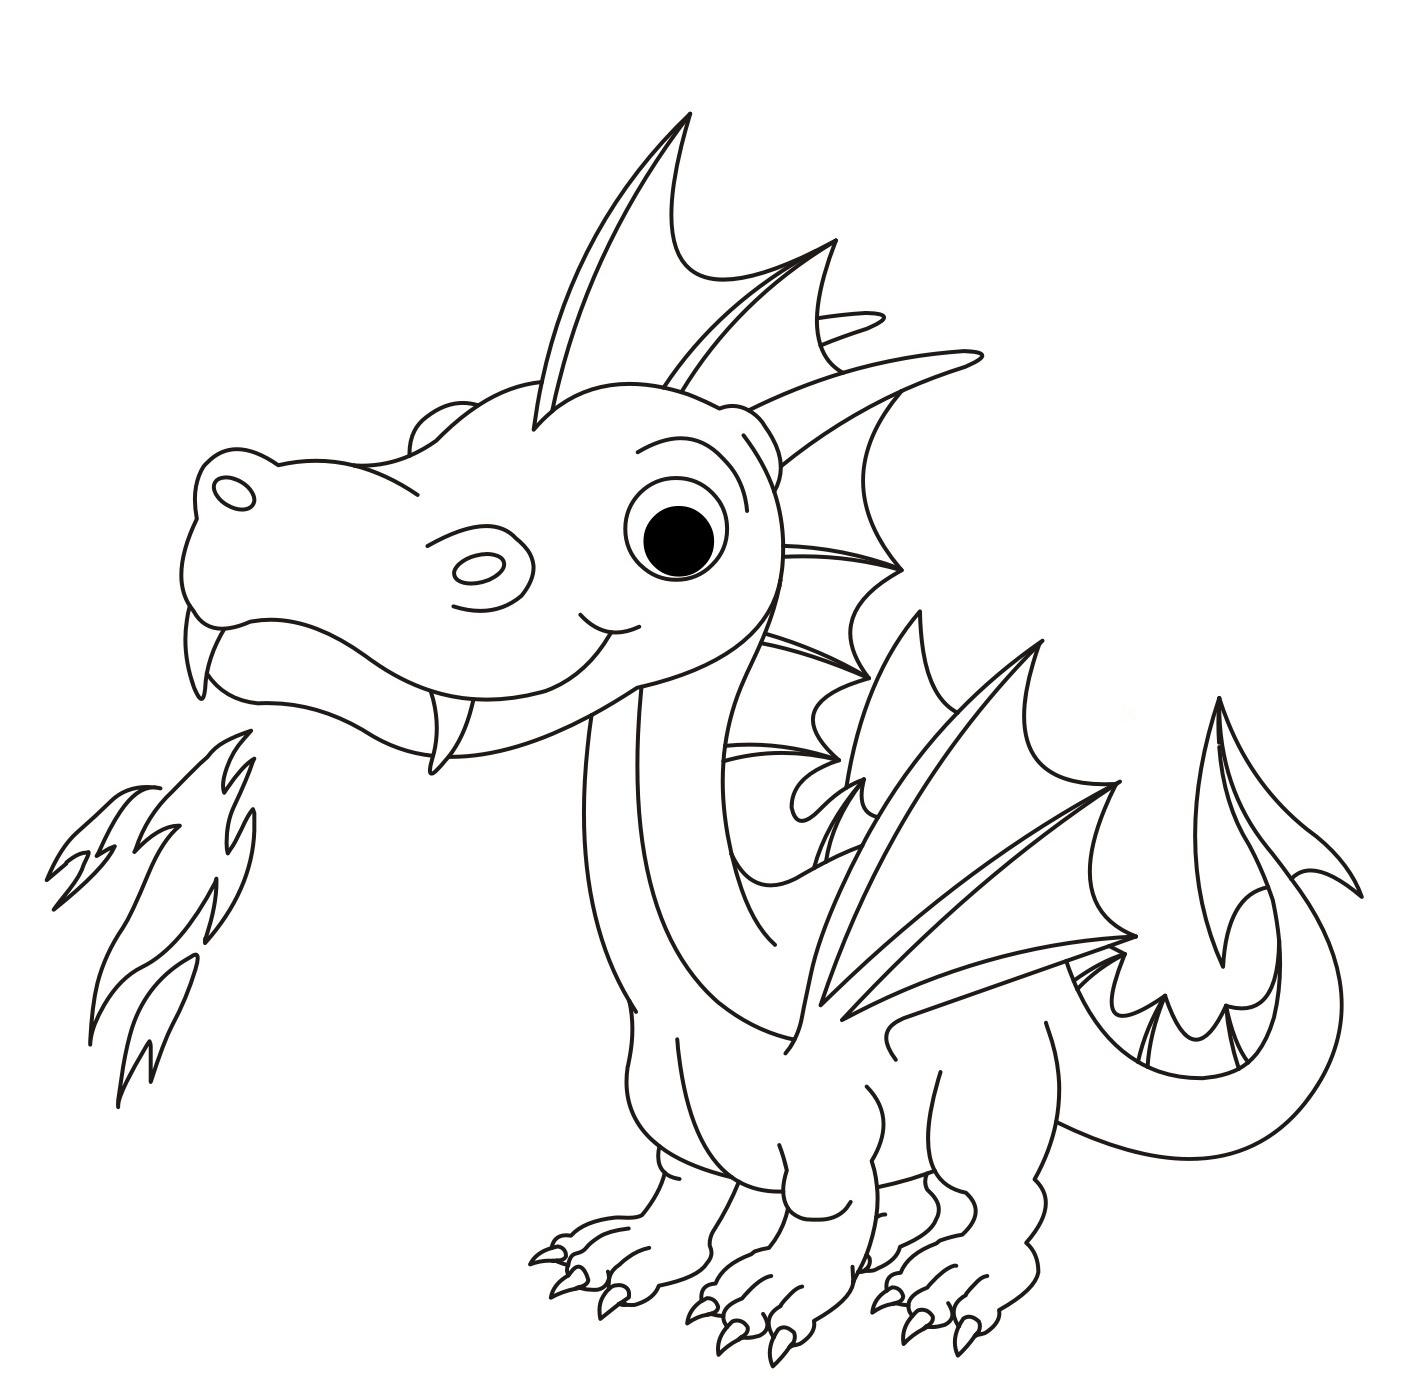 Раскраска Дракон с огнем распечатать или скачать бесплатно